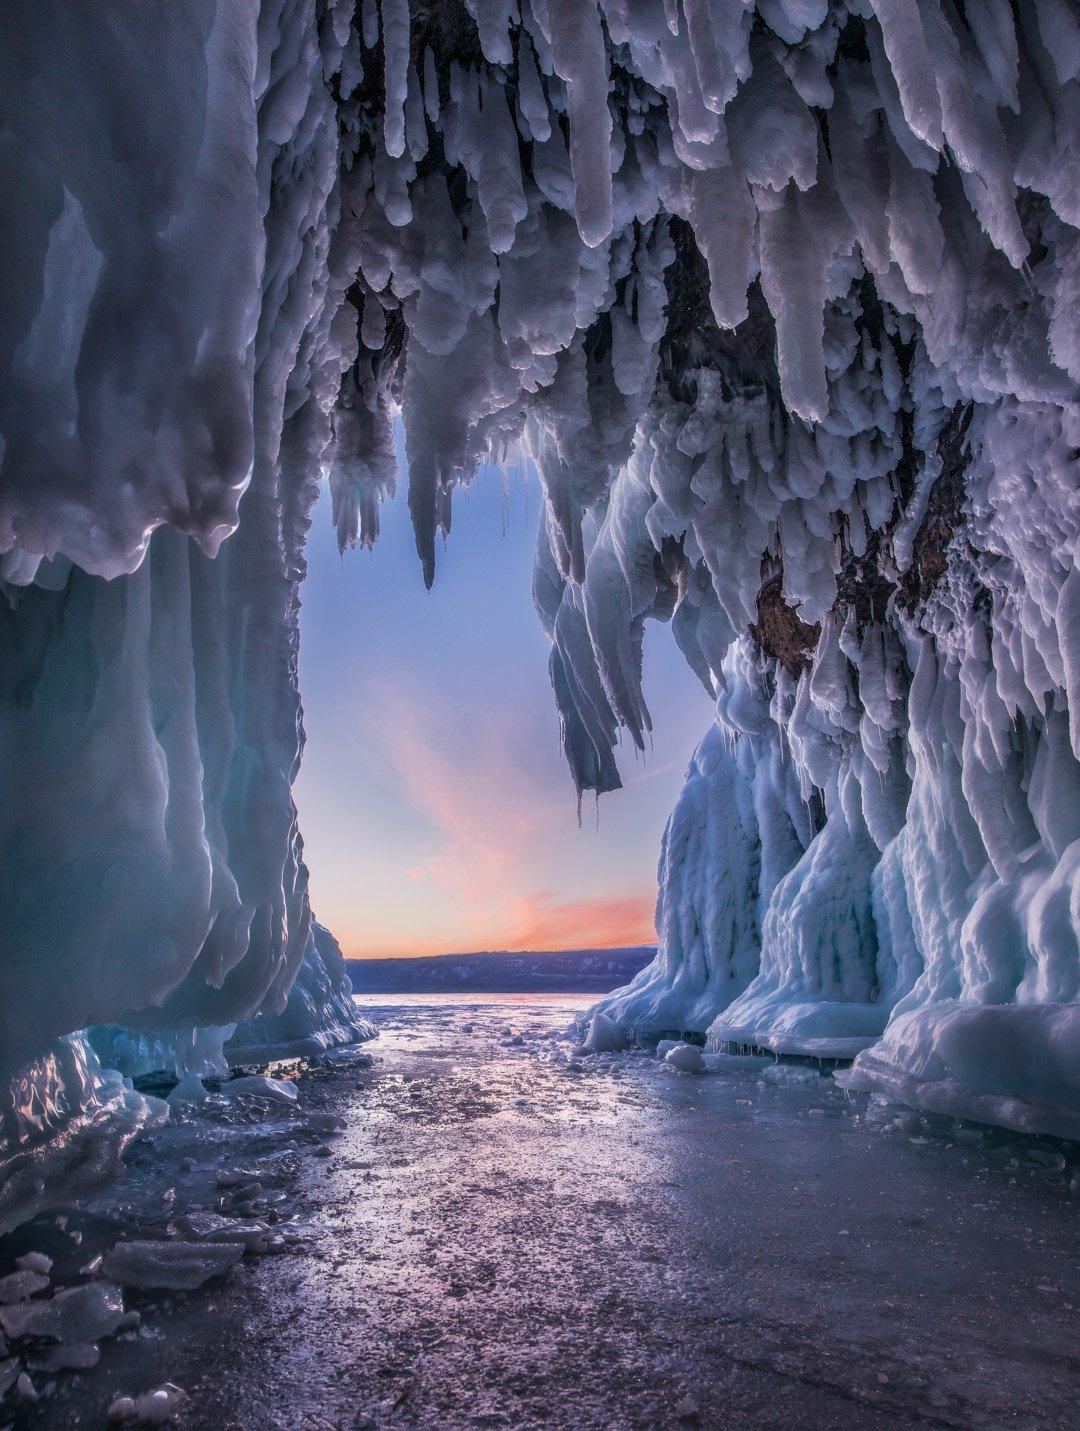 байкал, зима, лед, снег, путешествие, закат, пещера, сосульки, Сергей